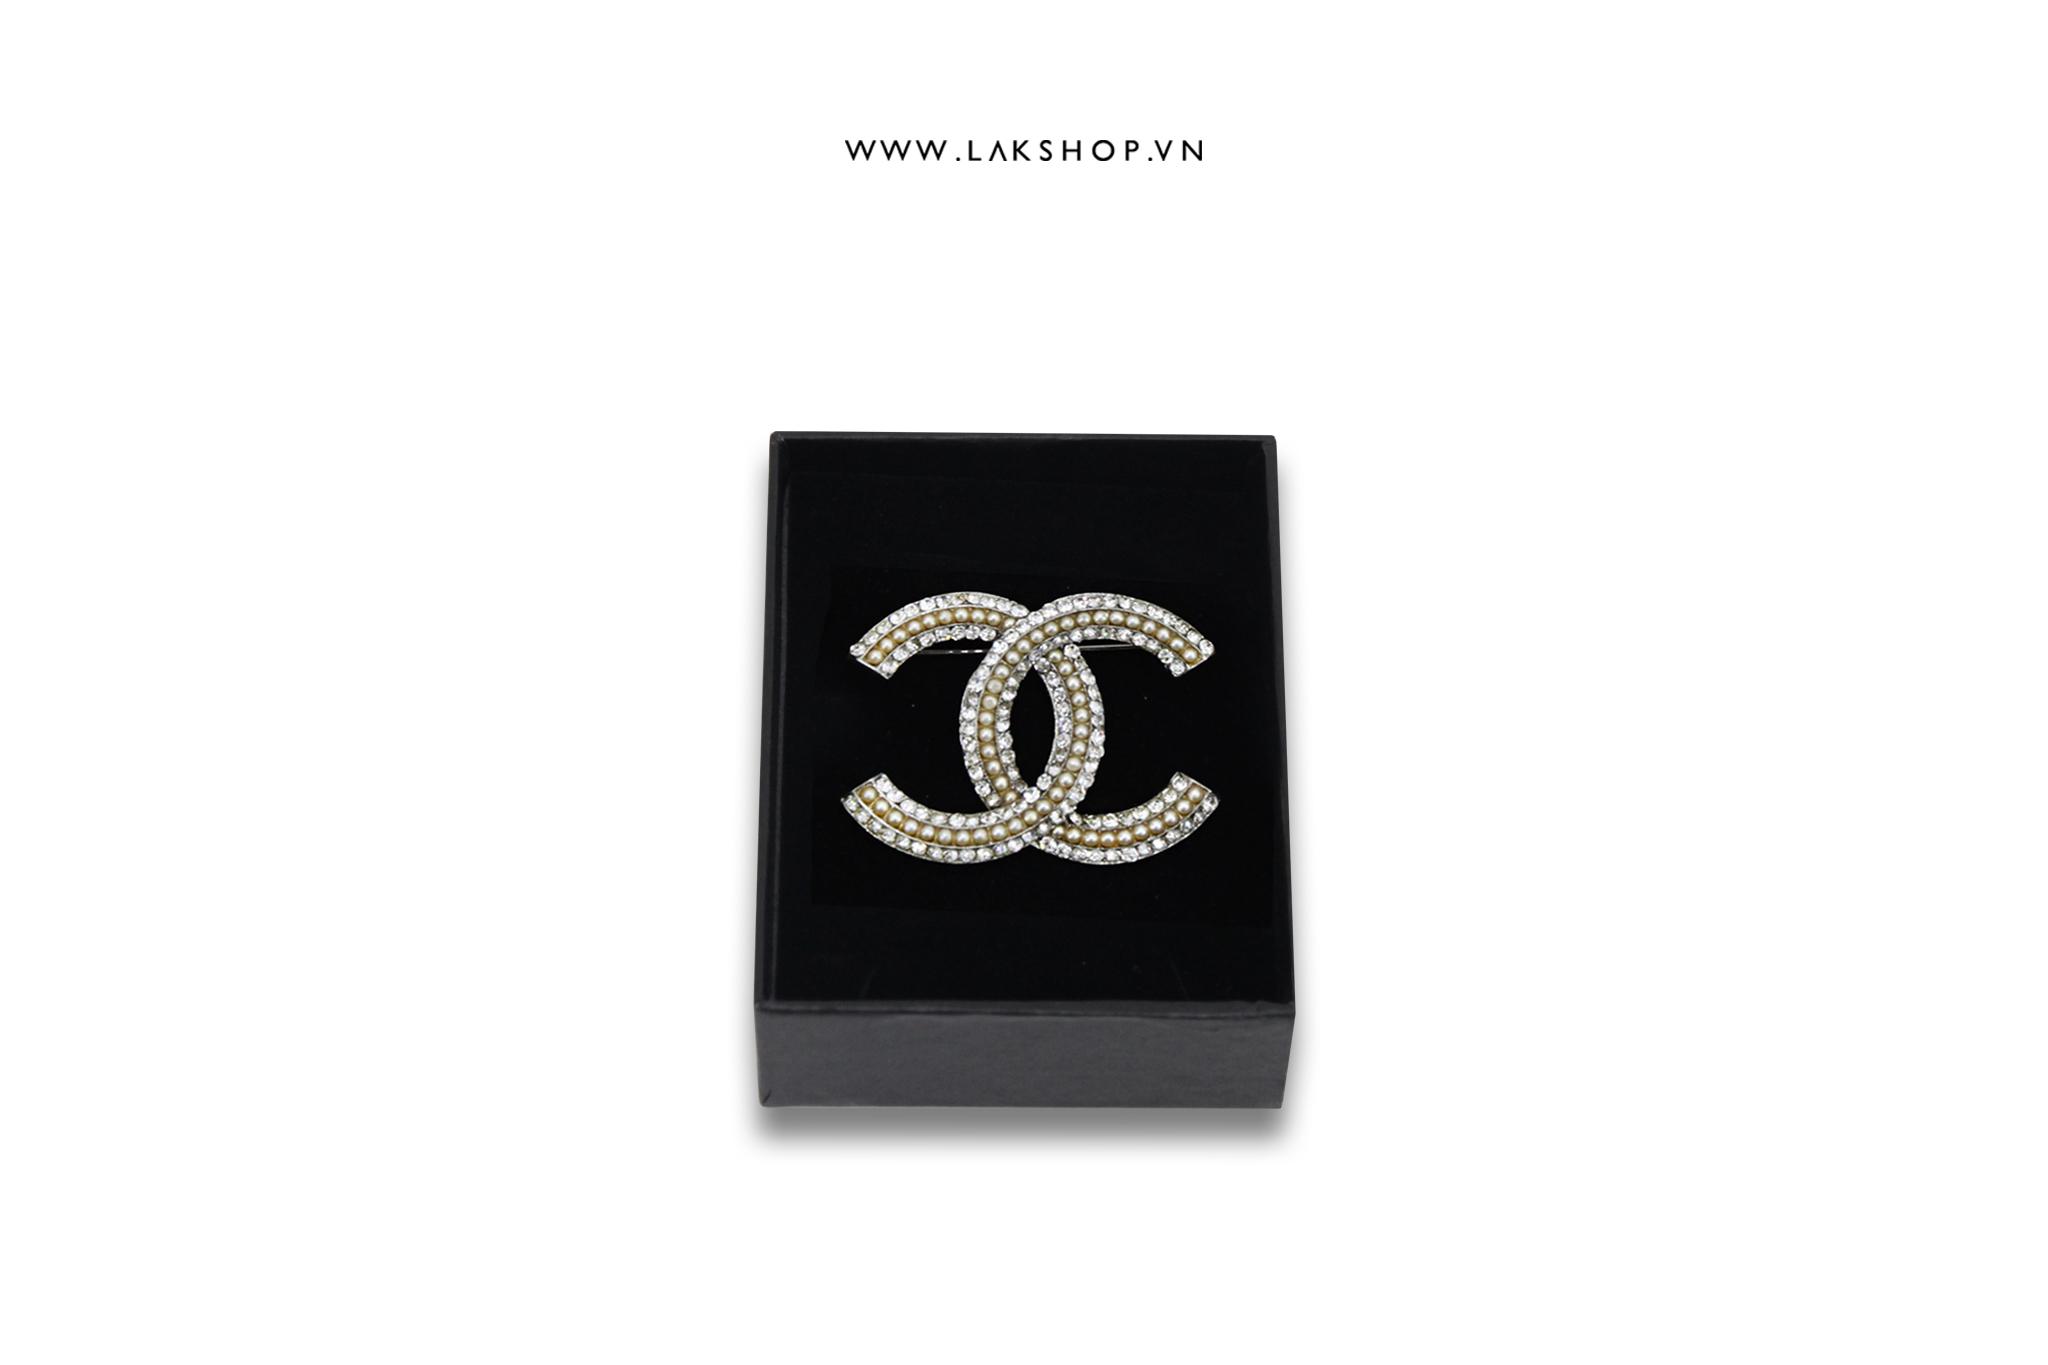 Trâm Cài Chanel Logo CC Viền Ngọc Bo Tròn Bạc